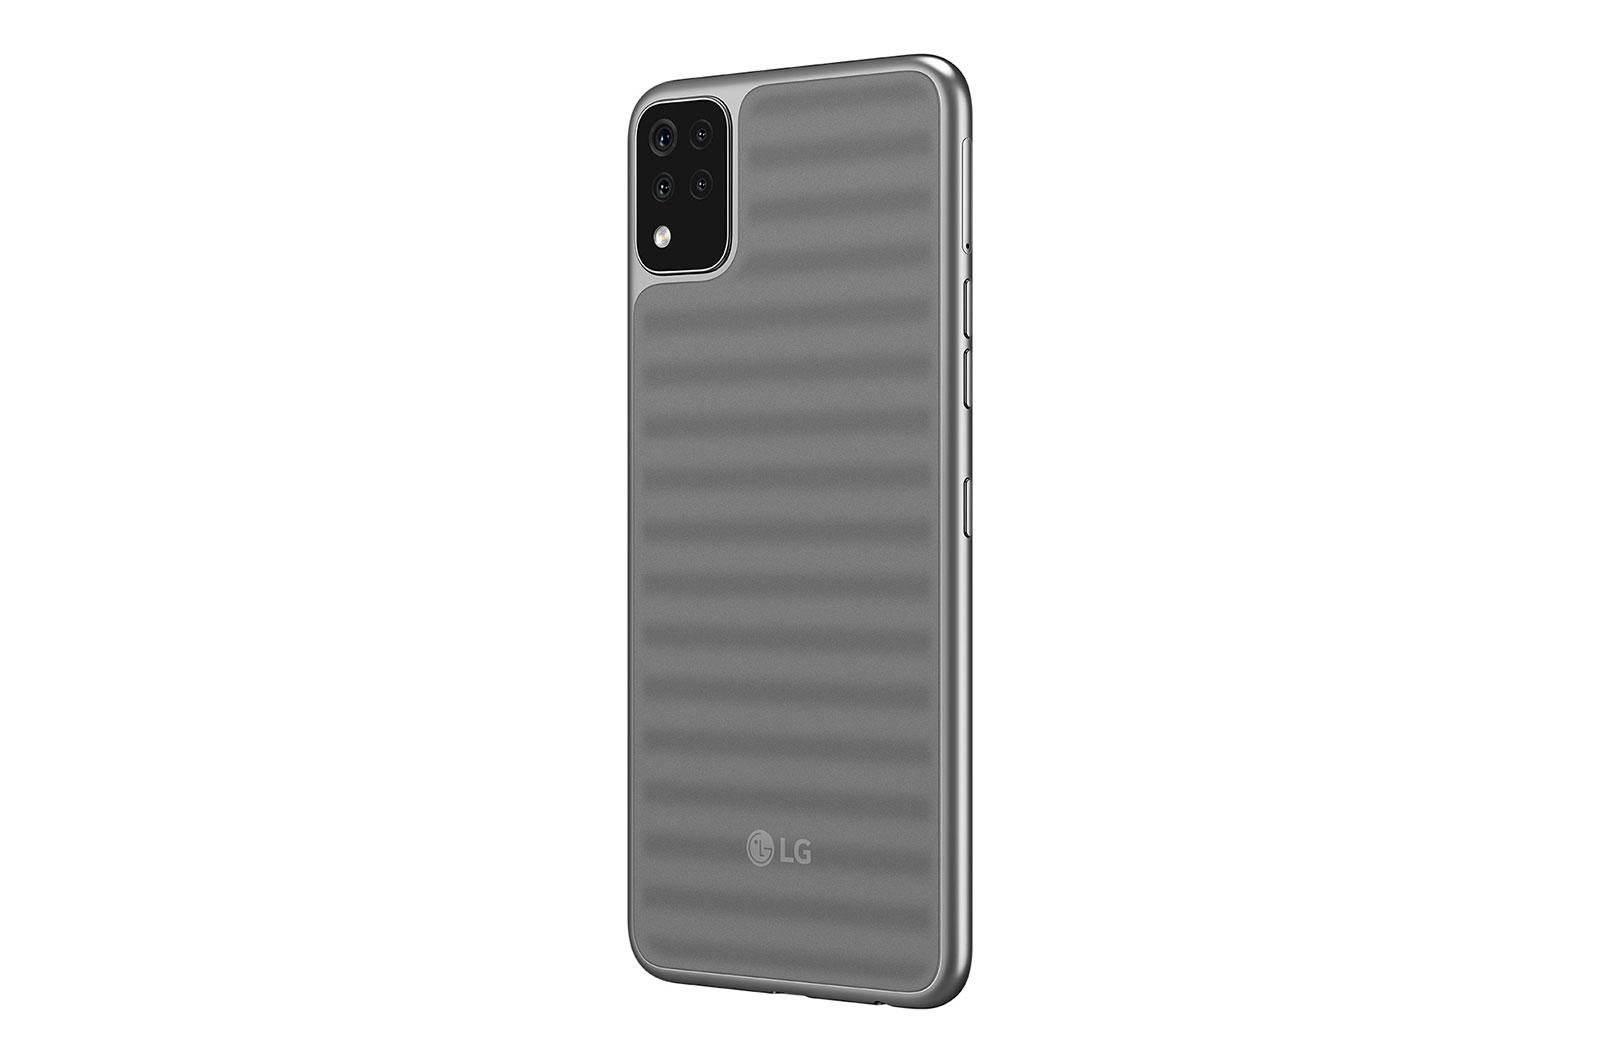 smartfon LG K42 smartphone